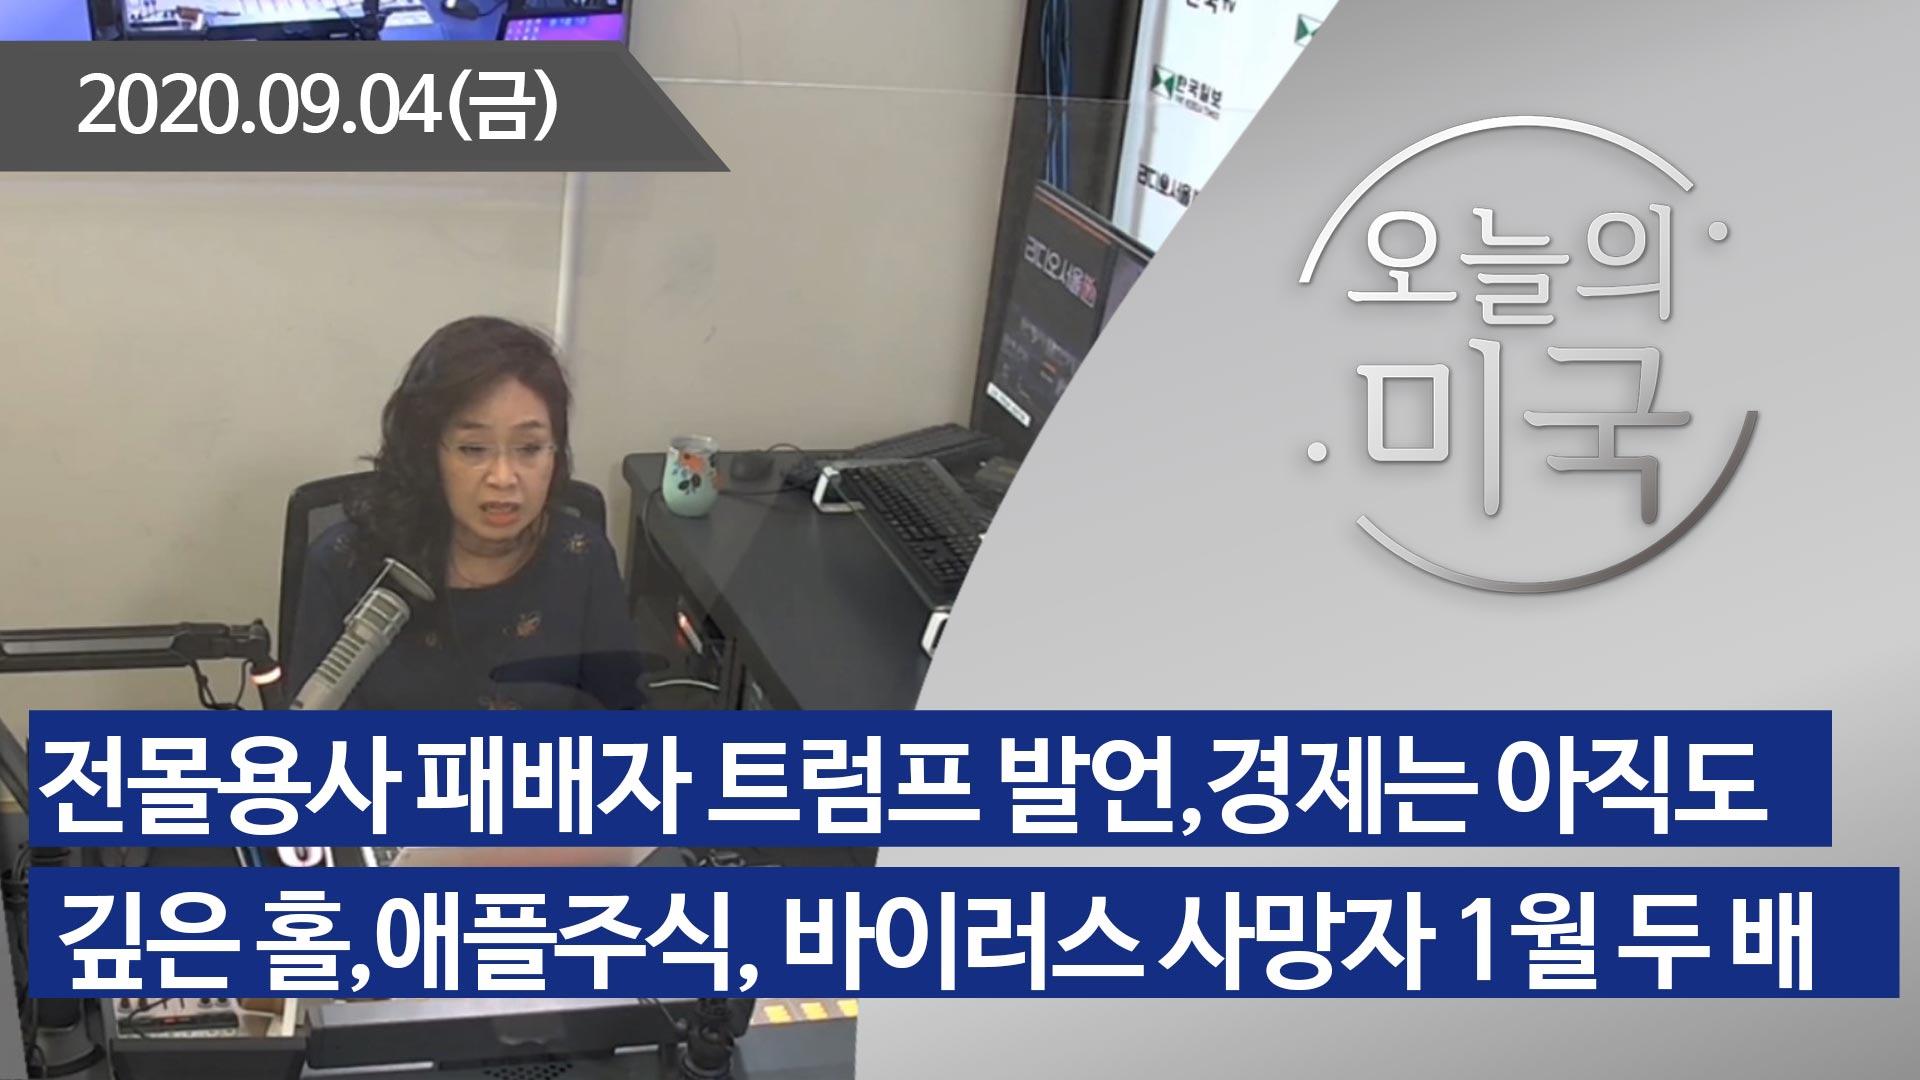 강혜신의 오늘의 미국 (09.04.2020)